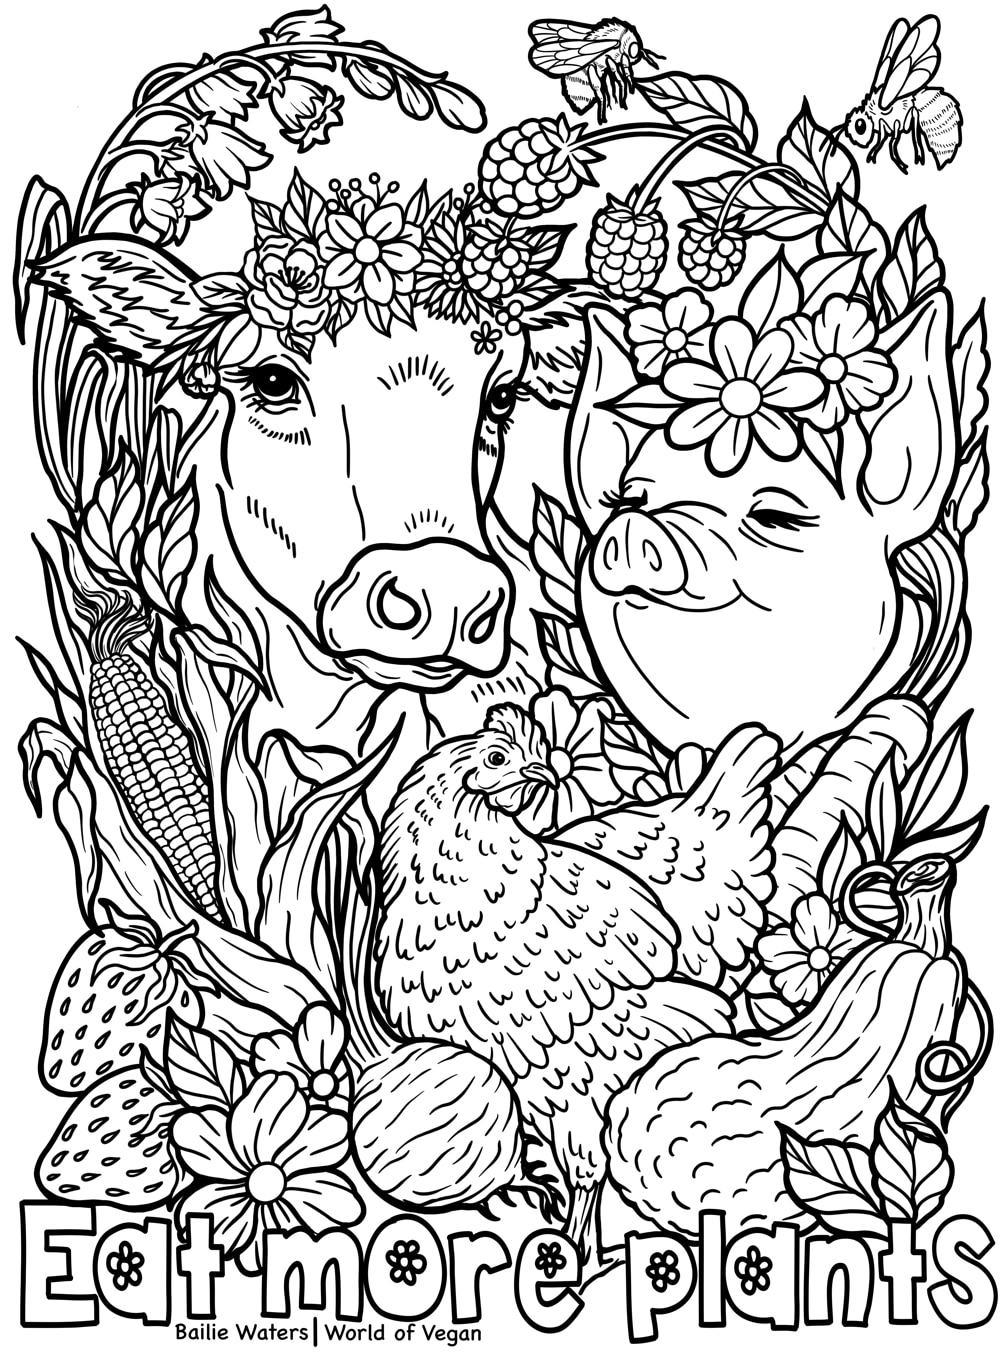 World of Vegan | Eat More Plants Printable Vegan Coloring ...